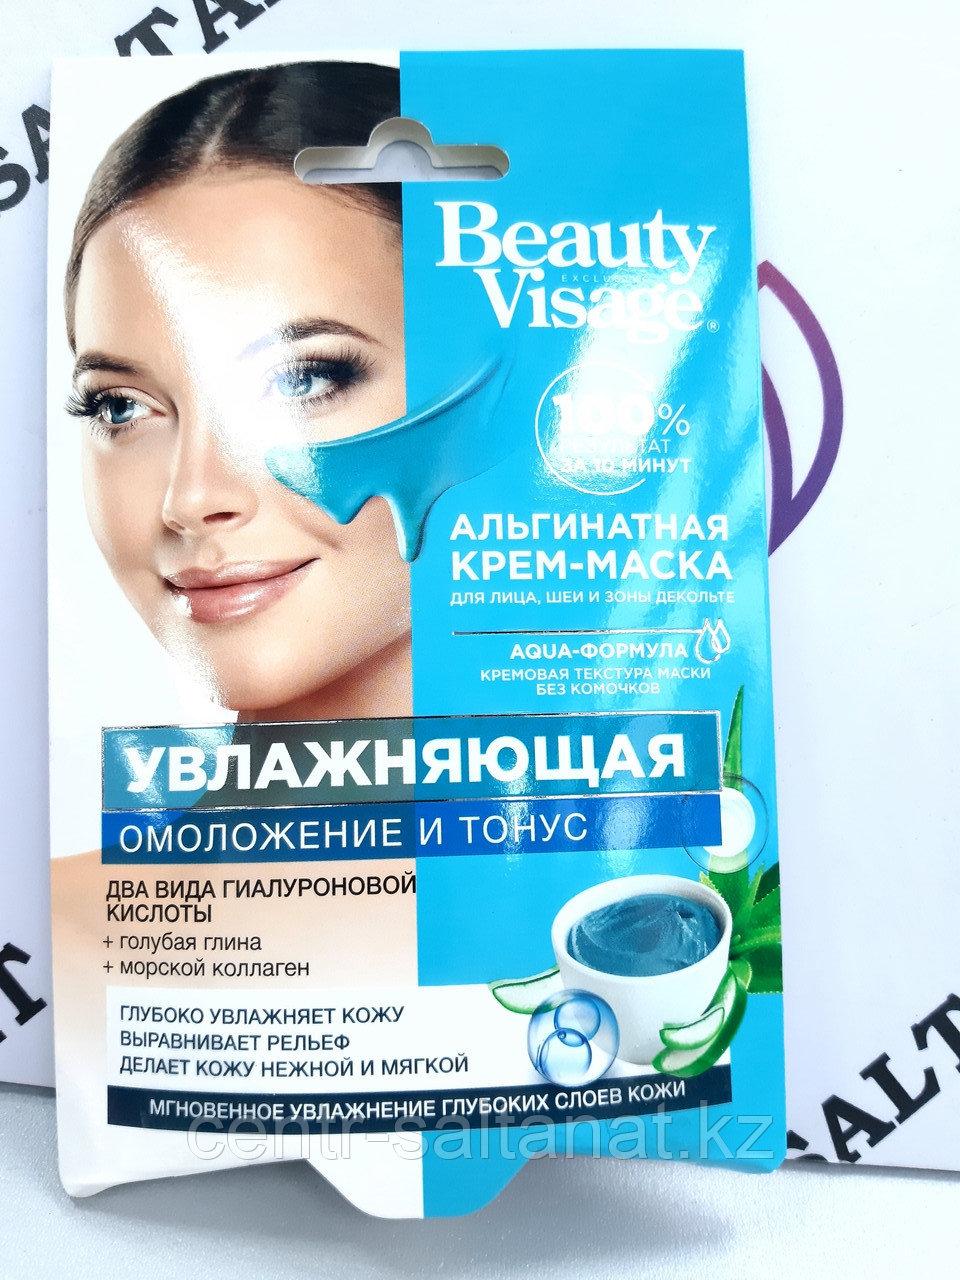 Альгинатная крем маска для лица увлажняющая 20 мл